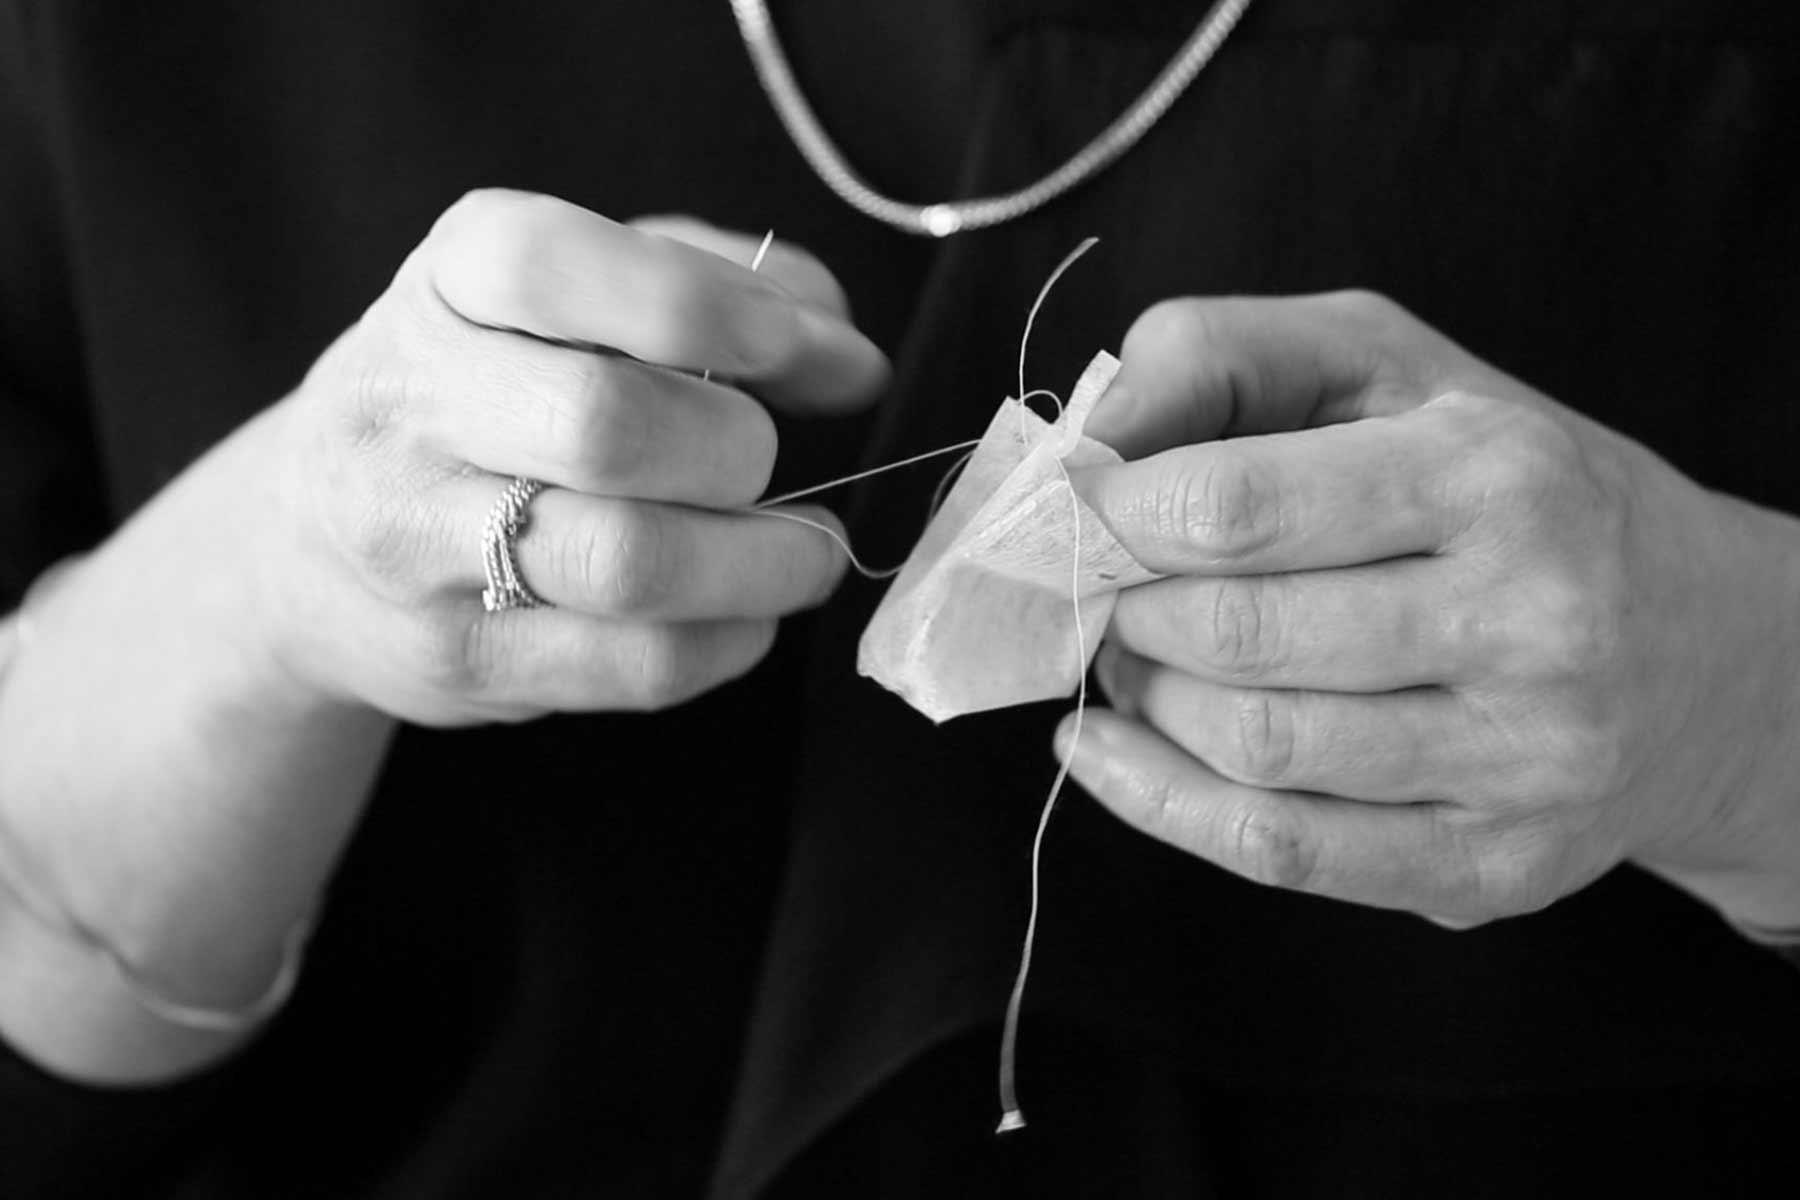 Designertaschen-Teebeutel teabag-collection-teebeutel-handtaschen_02